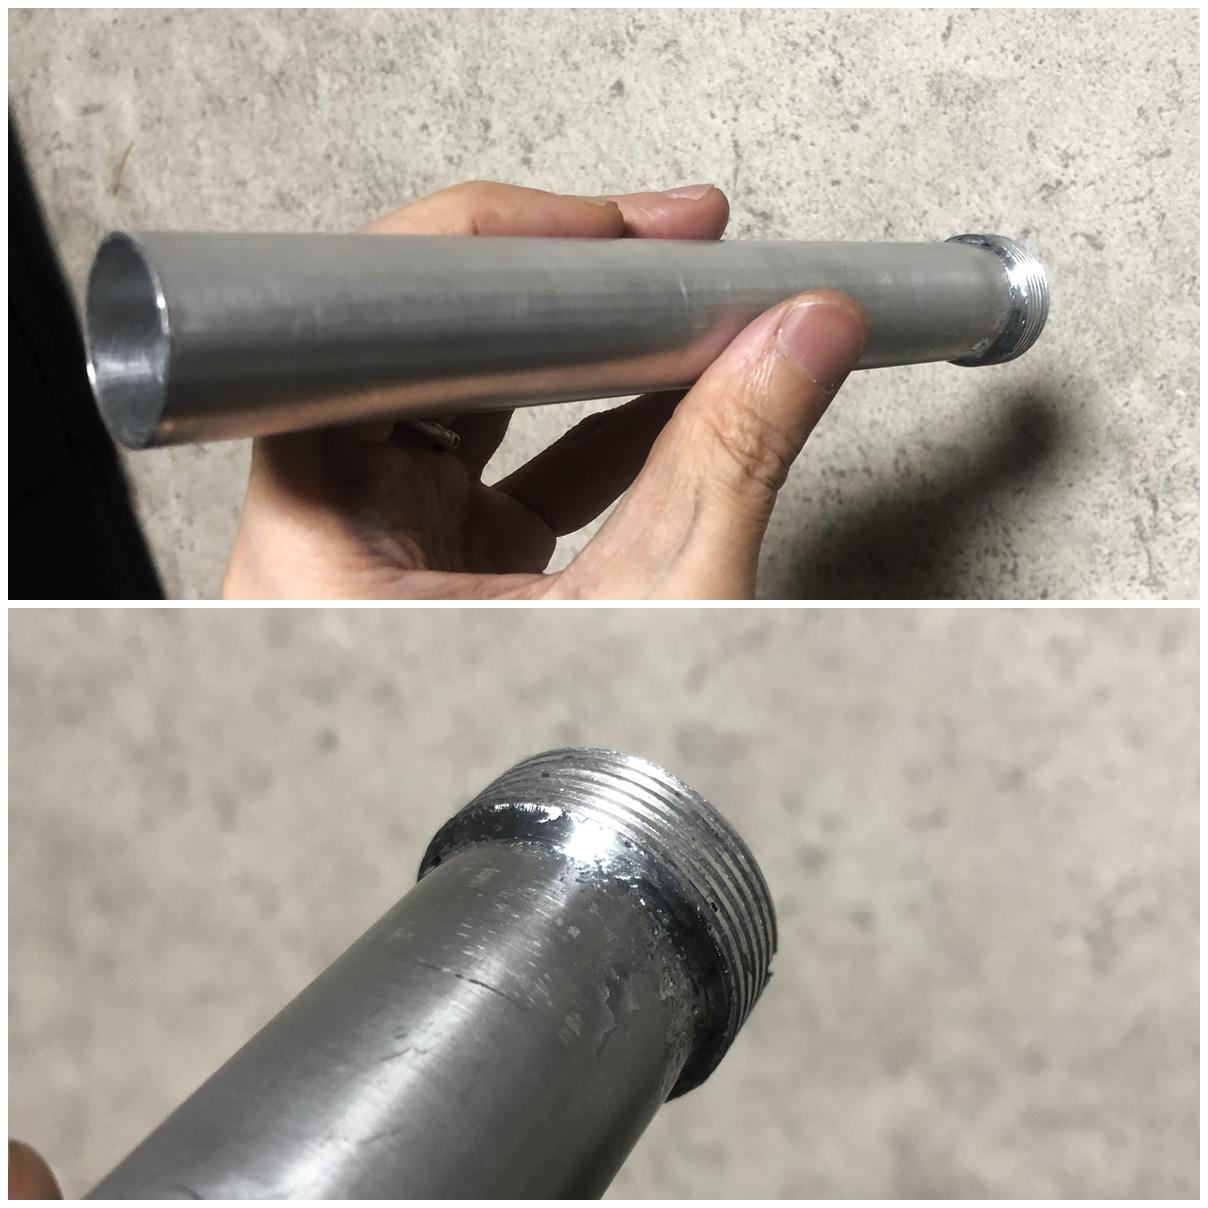 6 次世代 M4 CQB-R 電動ガン 実物 KAK SHOCKWAVE BLADE PISTOL AR-15 ストック 取付 改造 カスタム 大作戦 第六弾!! オリジナル次世代リコイル製作&溶接・ネジタップ 3Dプリントパーツ製作作業!! 実銃 ストックパイ